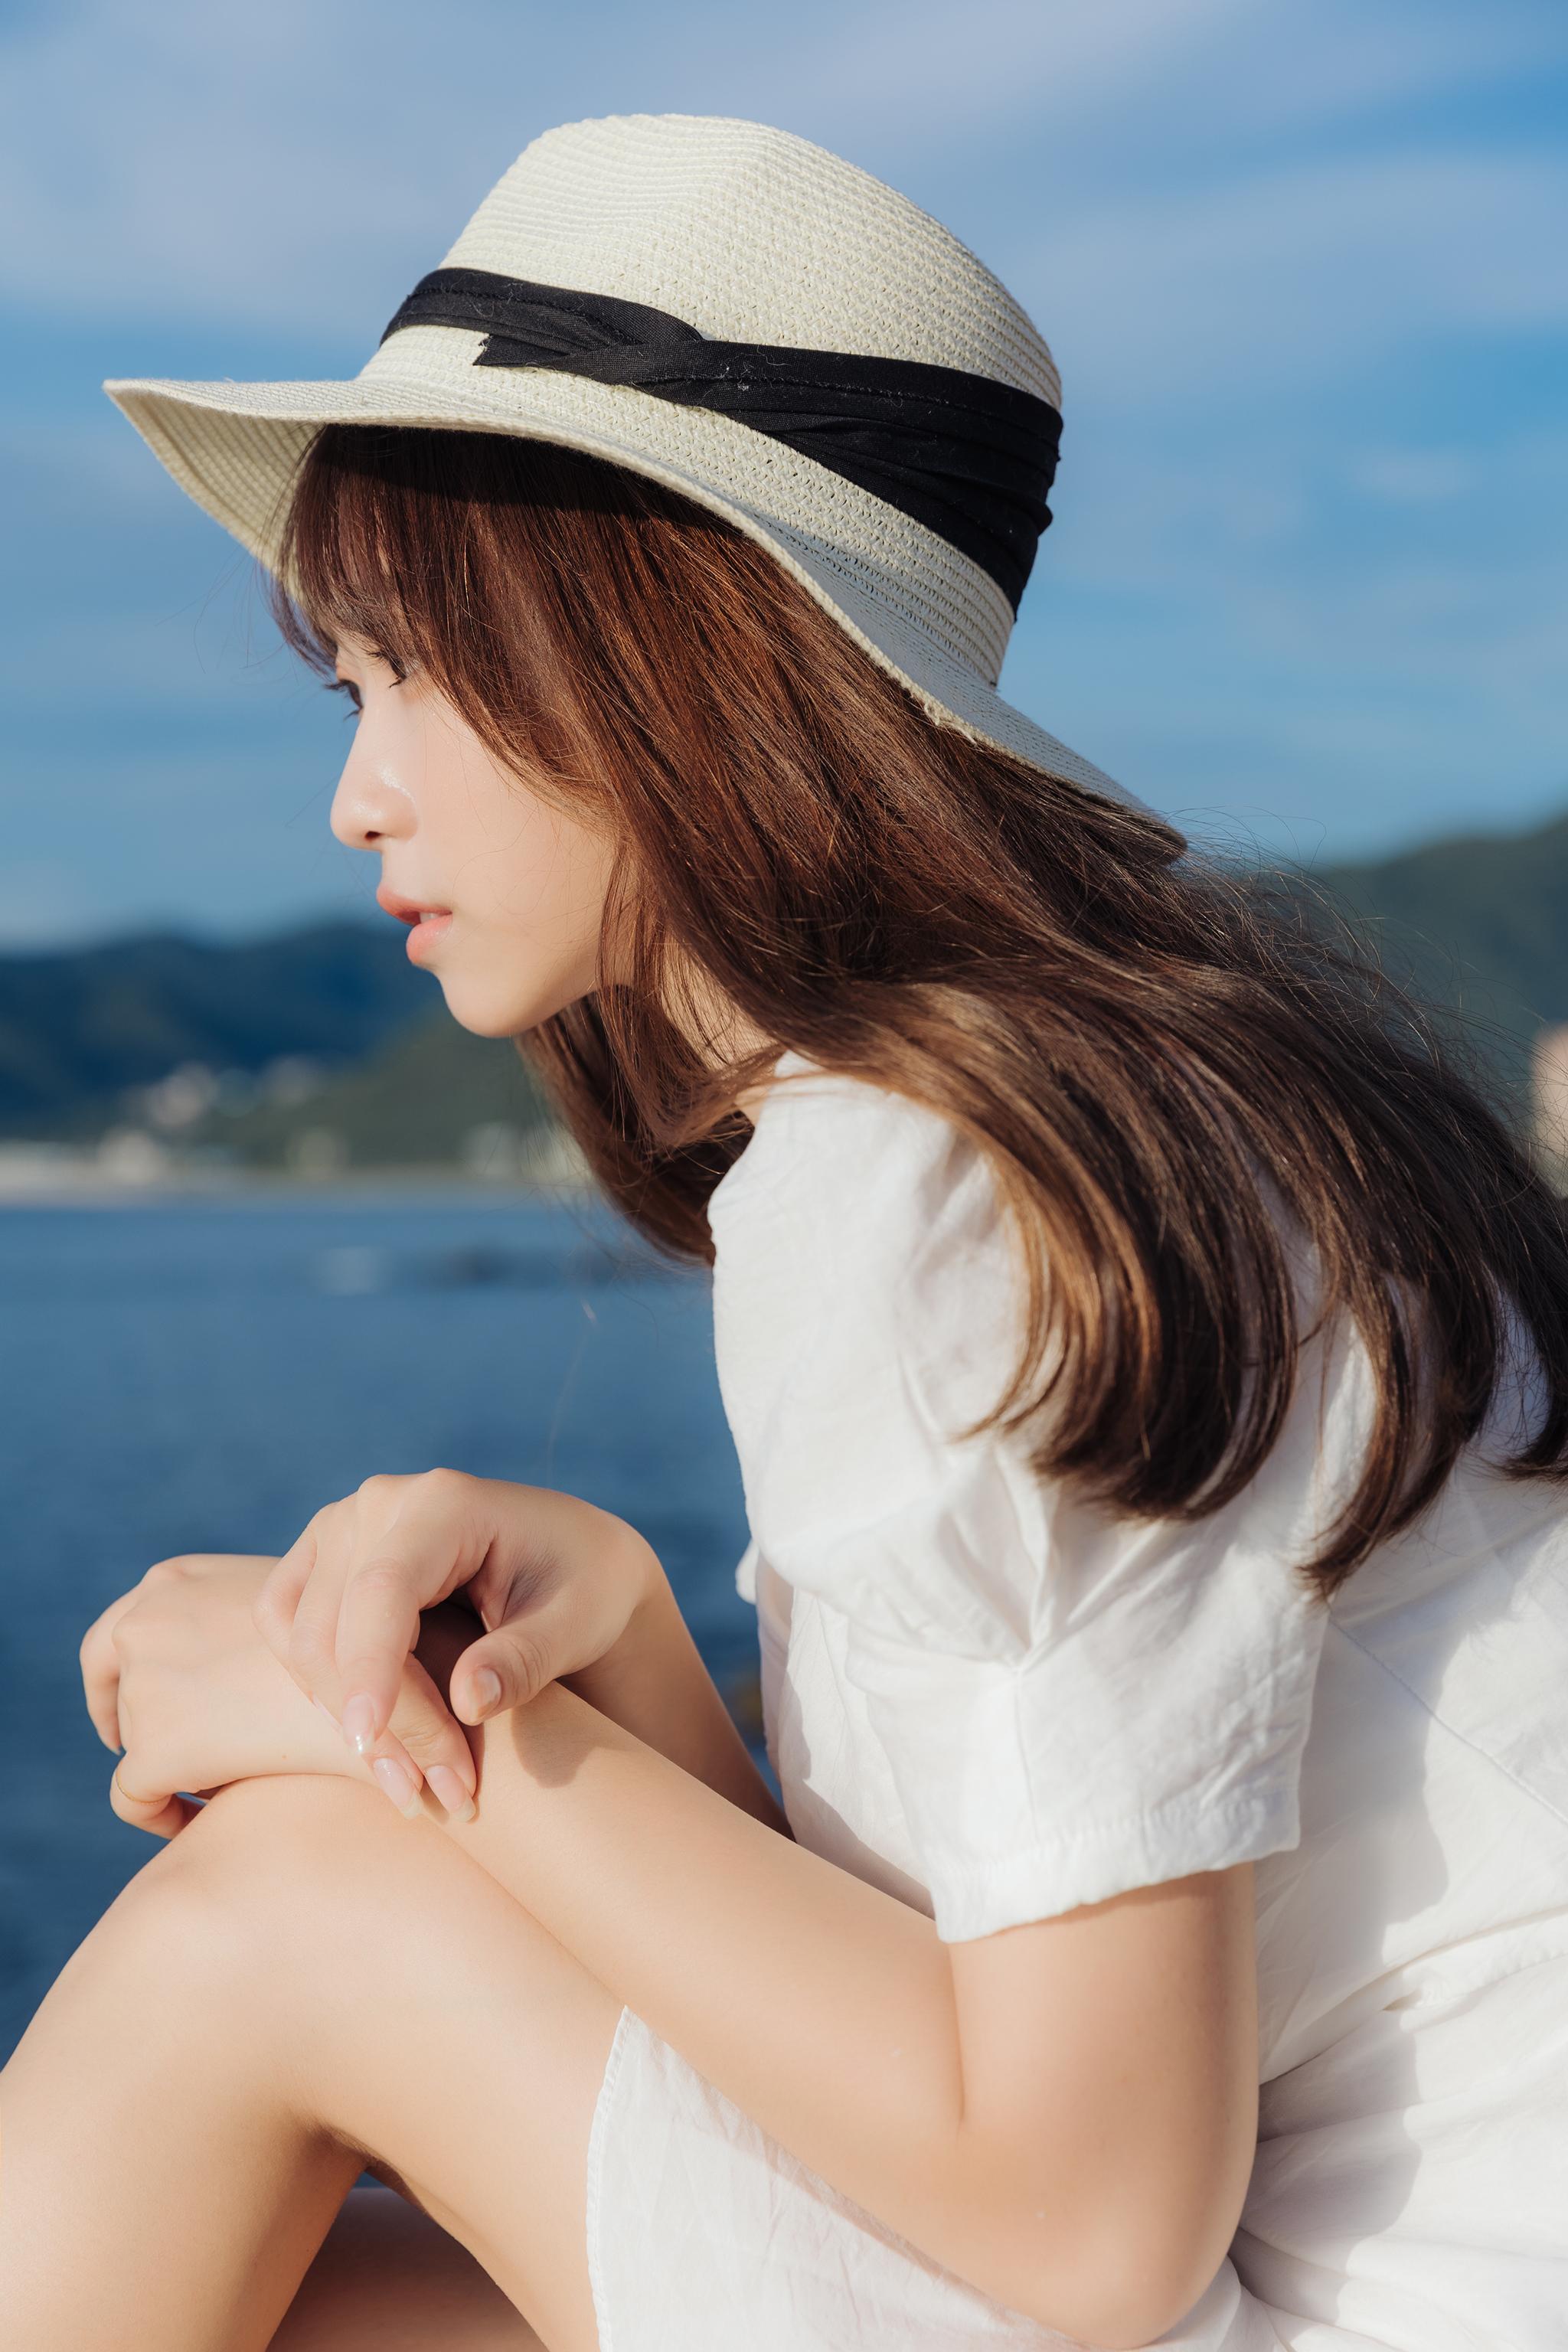 51244714581 75f166f958 o - 【夏季寫真】+江JIANG+